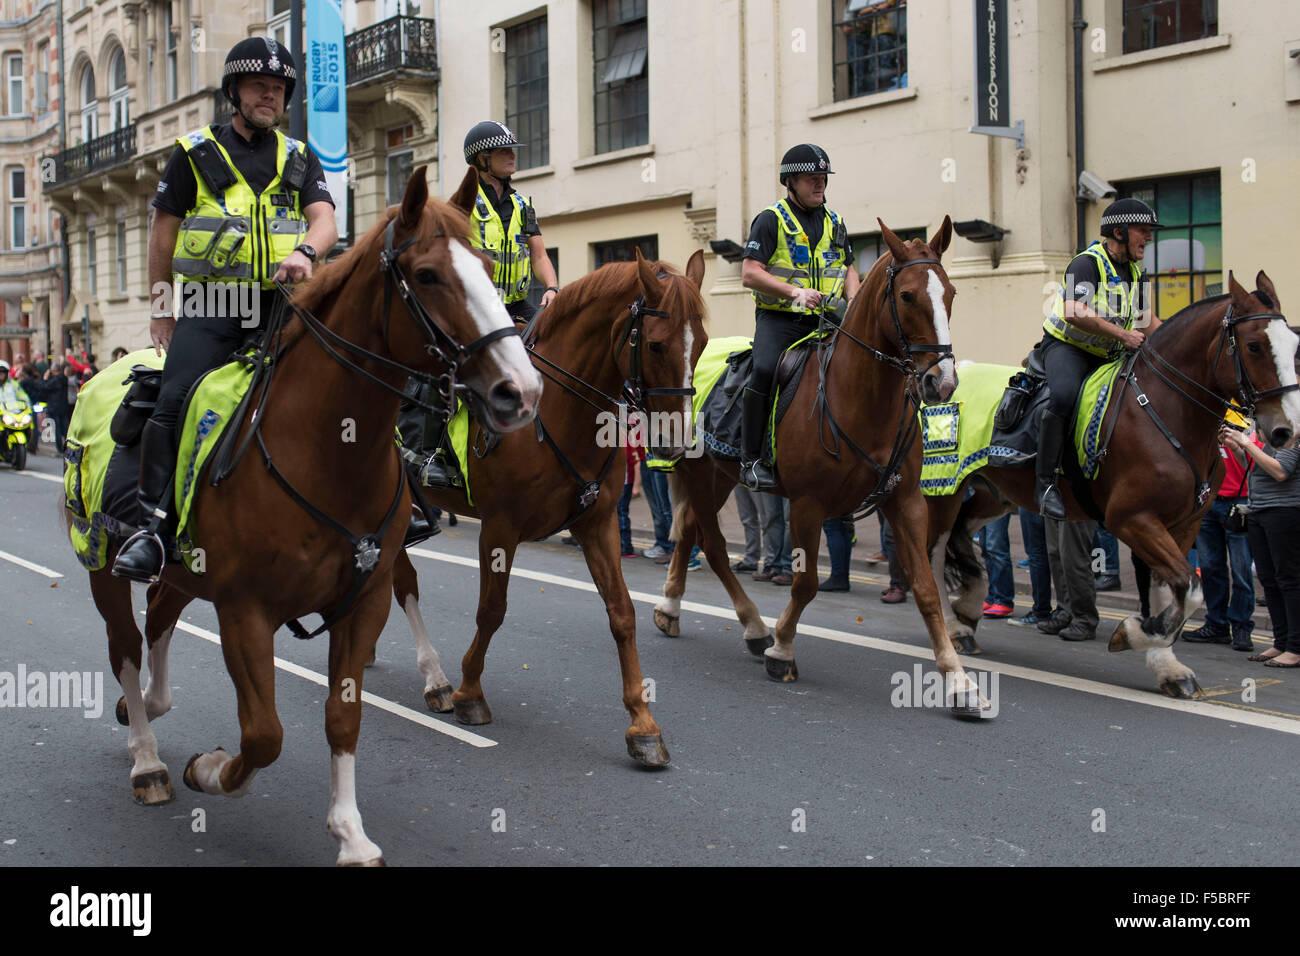 Les agents de la police montée de l'équitation pendant un match de rugby du Pays de Galles. Photo Stock